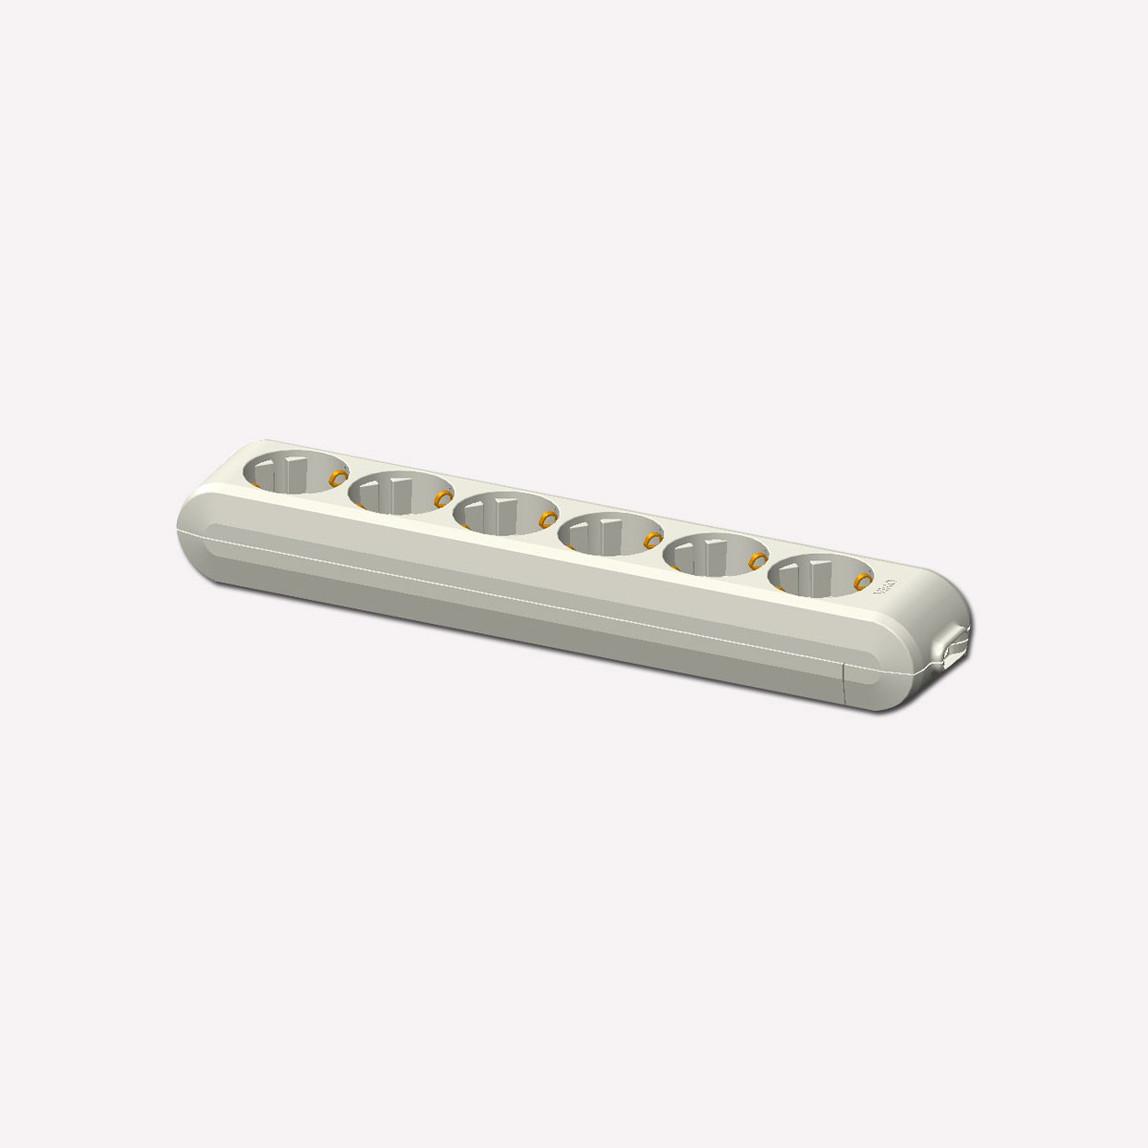 Viko Multi-Let 6'lı Topraklı Kablolu Çocuk Korumalı 1 Metre Priz Beyaz